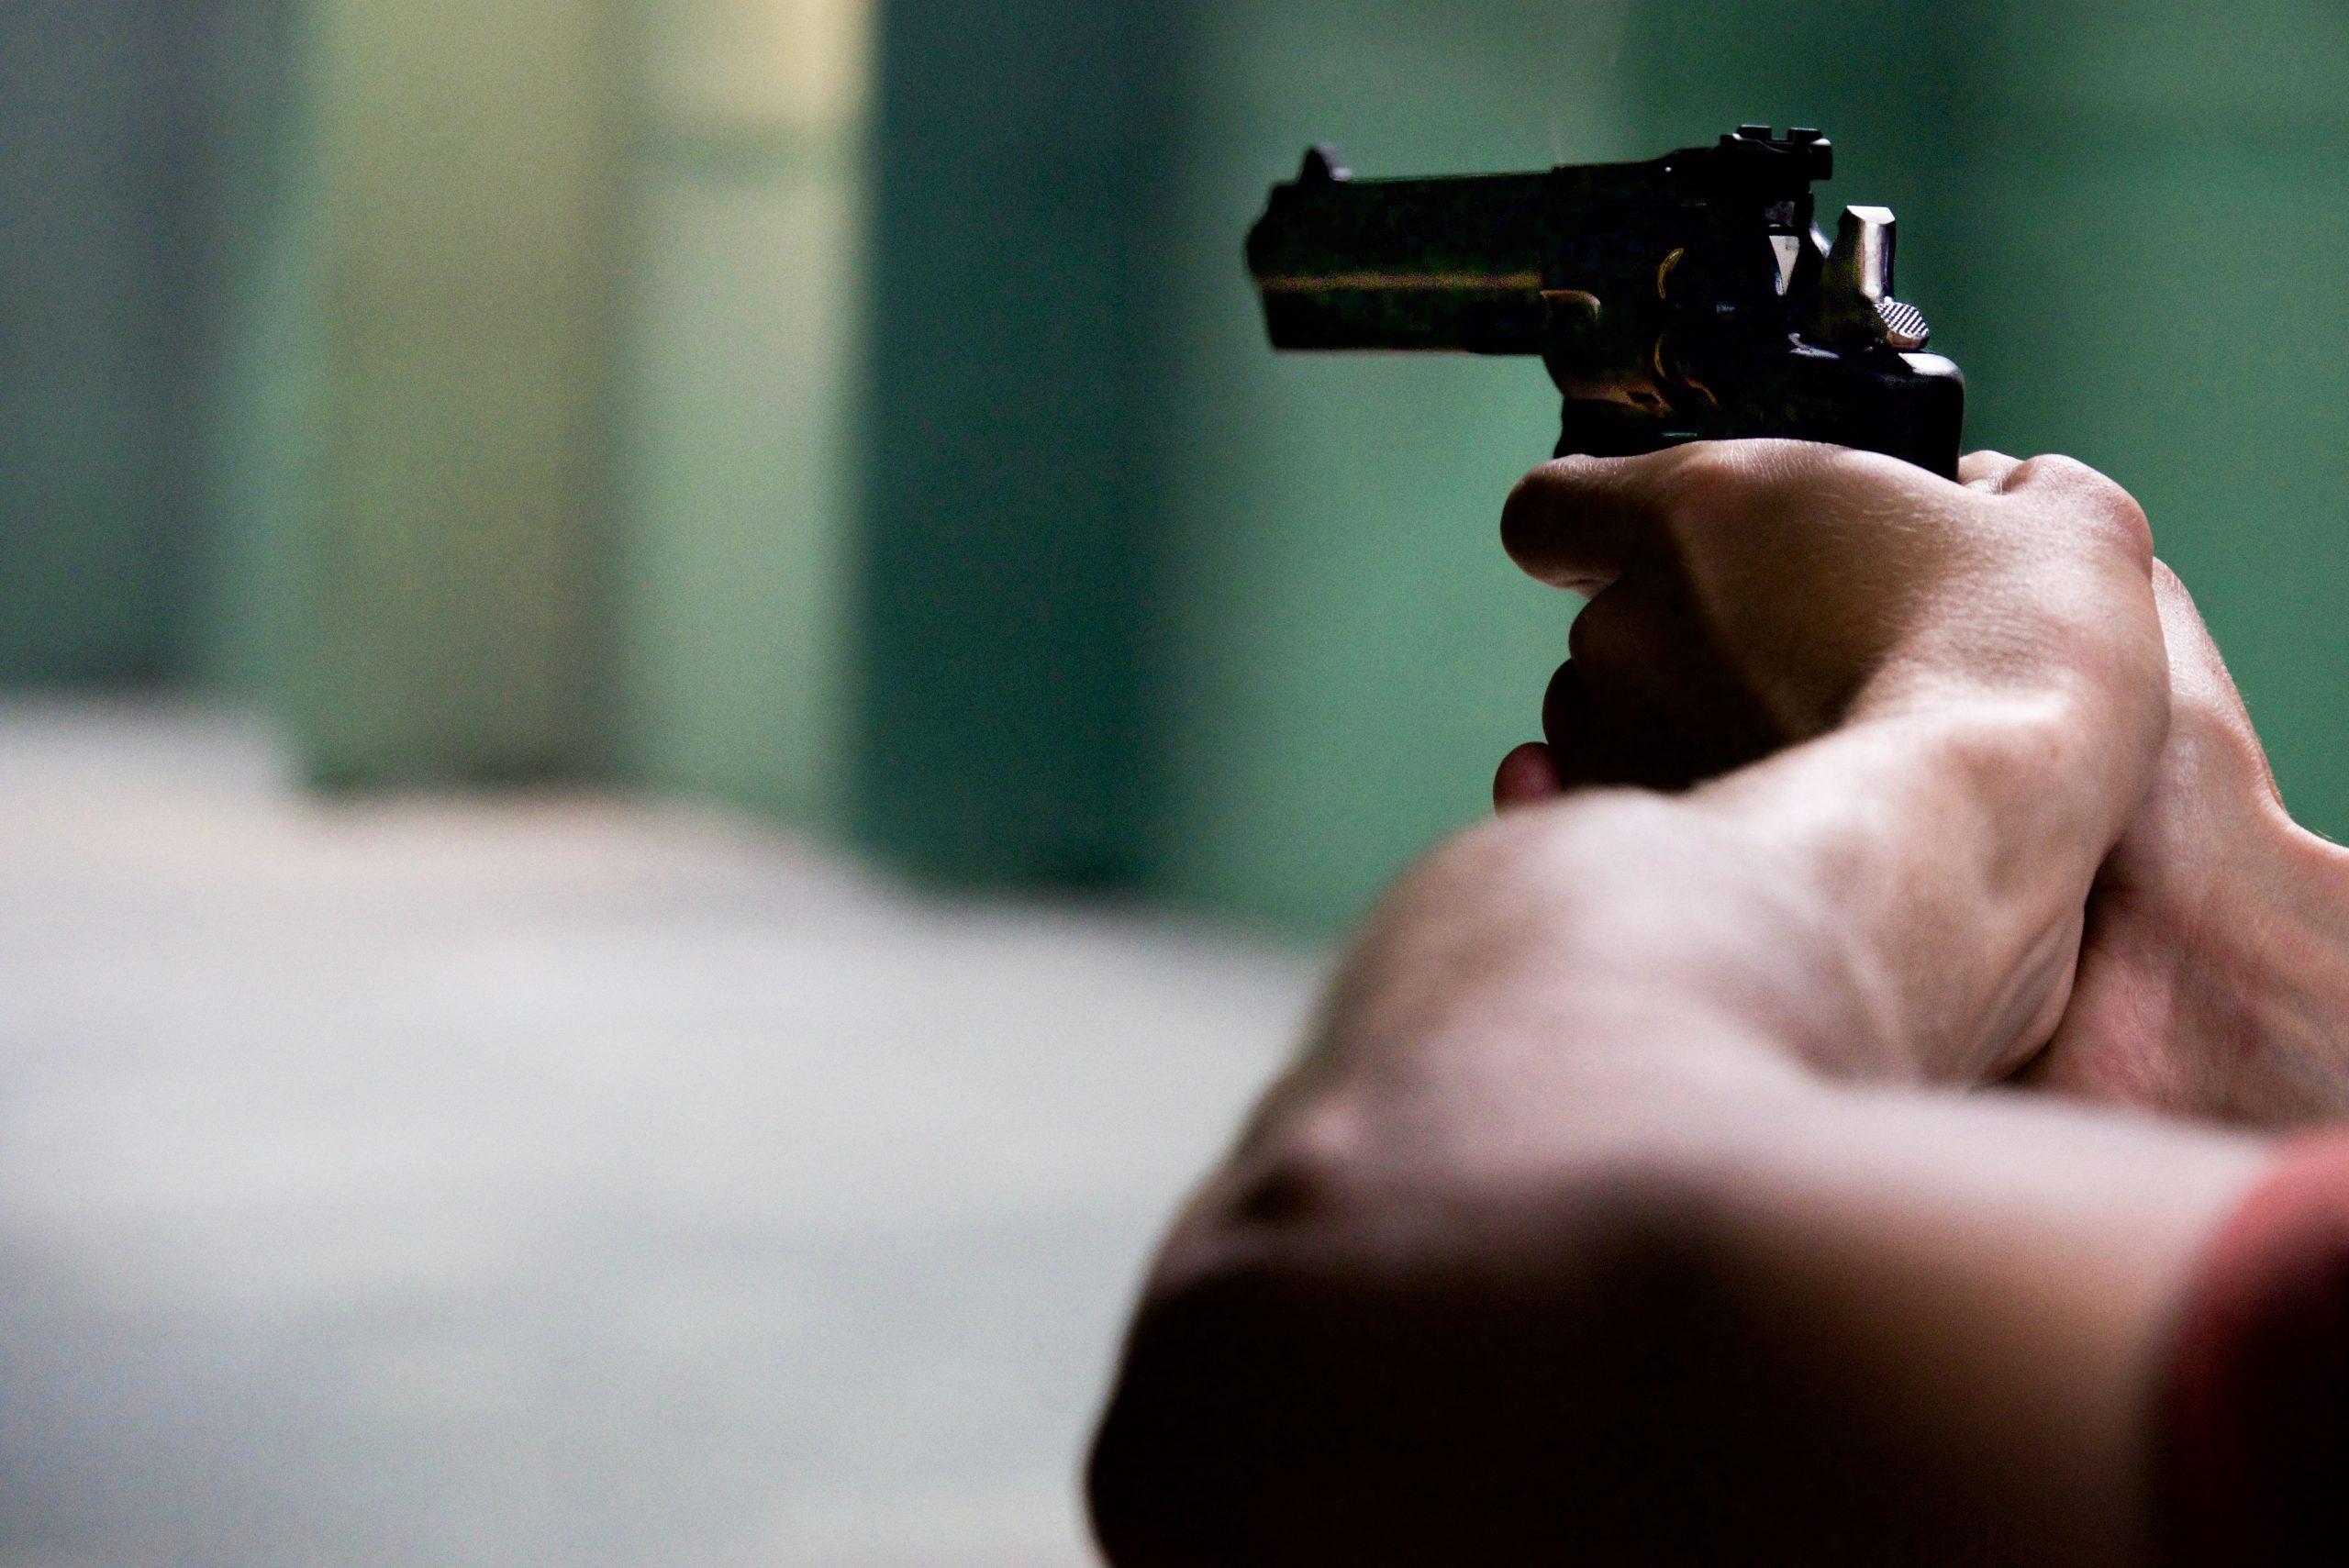 Despre armele de autoapărare şi legislaţia valabilă în acest domeniu